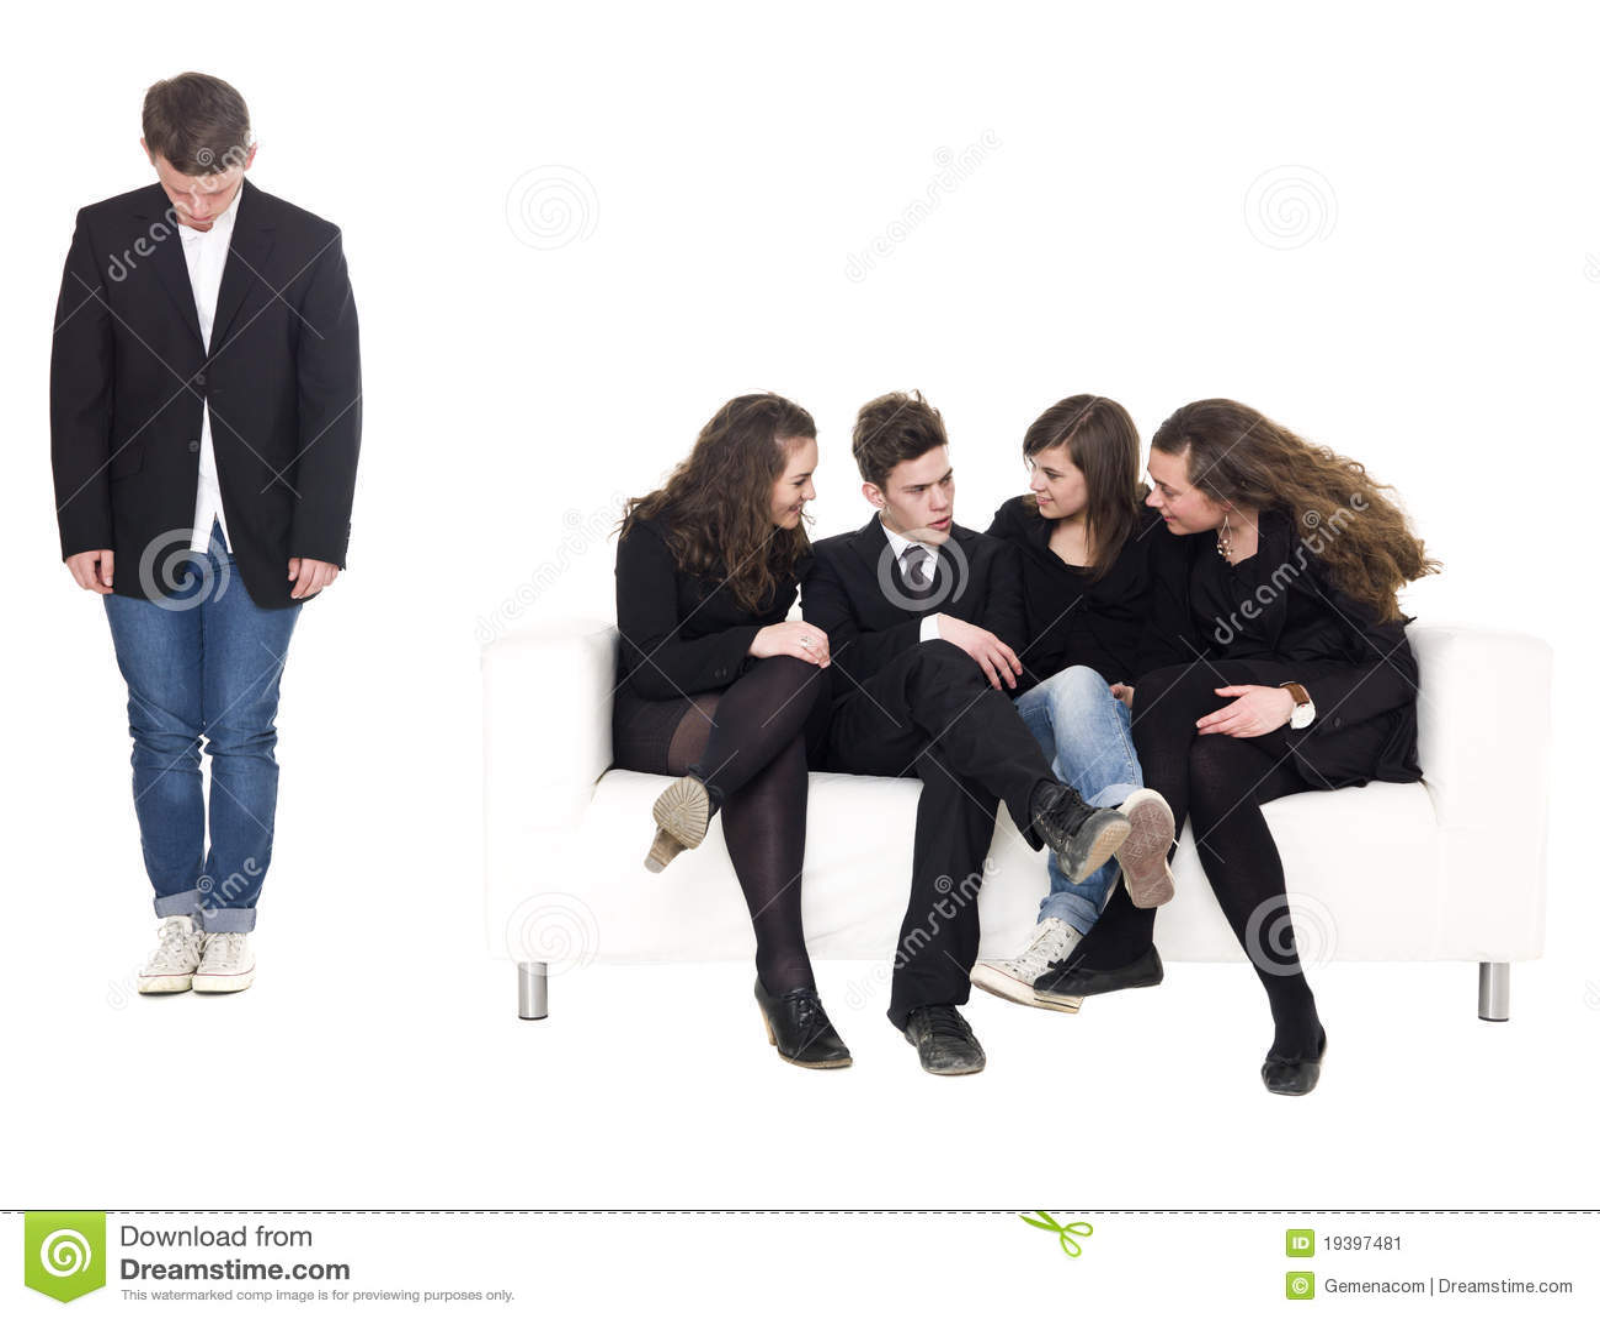 Conjunto de tres 2 adolescentes 1 hombre 6